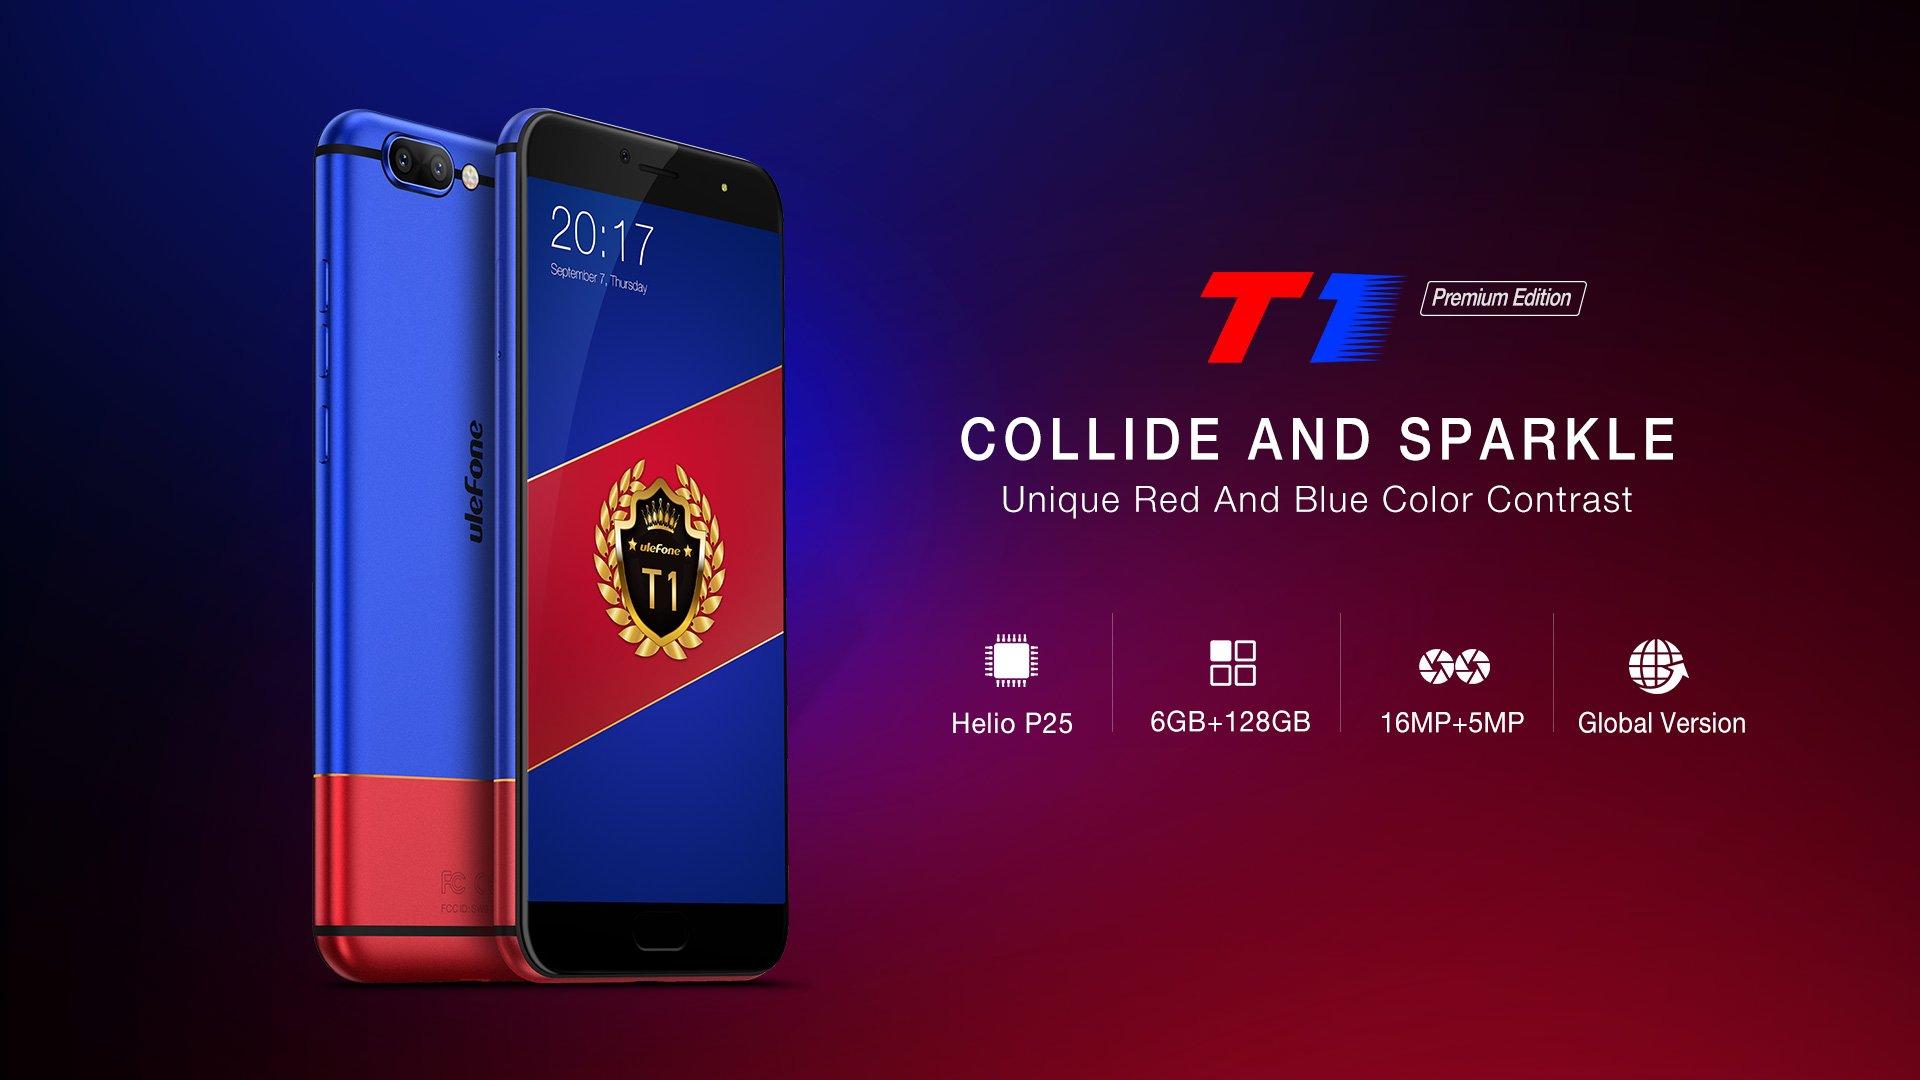 Ulefone T1 Premium Edition z 6 GB RAM i 128 GB pamięci wewnętrznej oficjalnie zaprezentowany 25